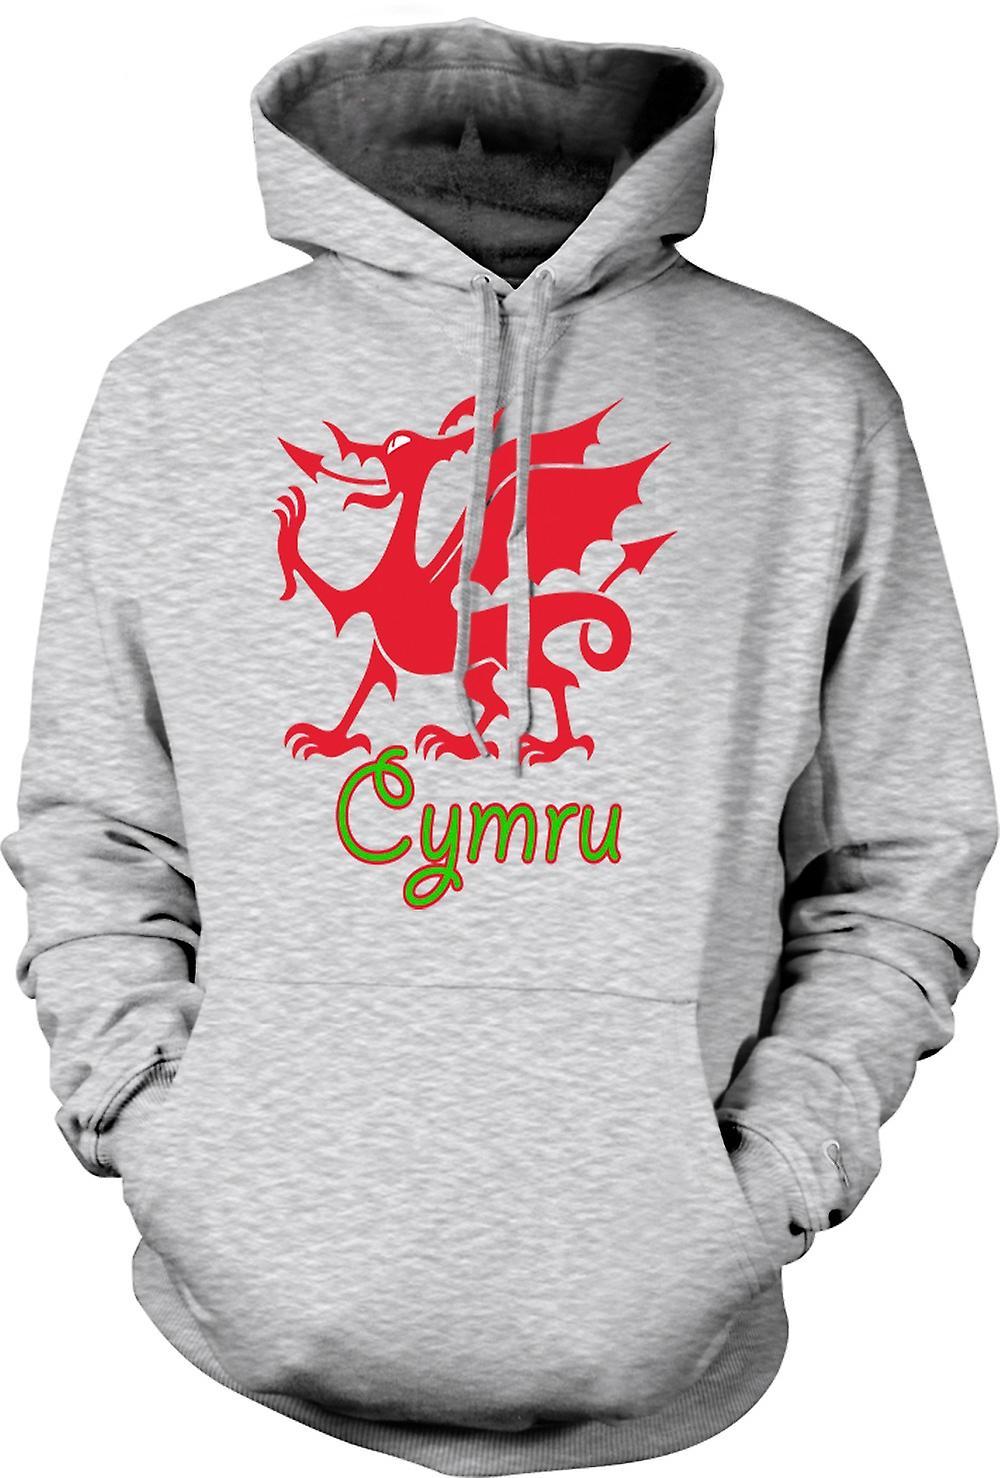 Felpa con cappuccio uomo - Drago gallese - Cymru